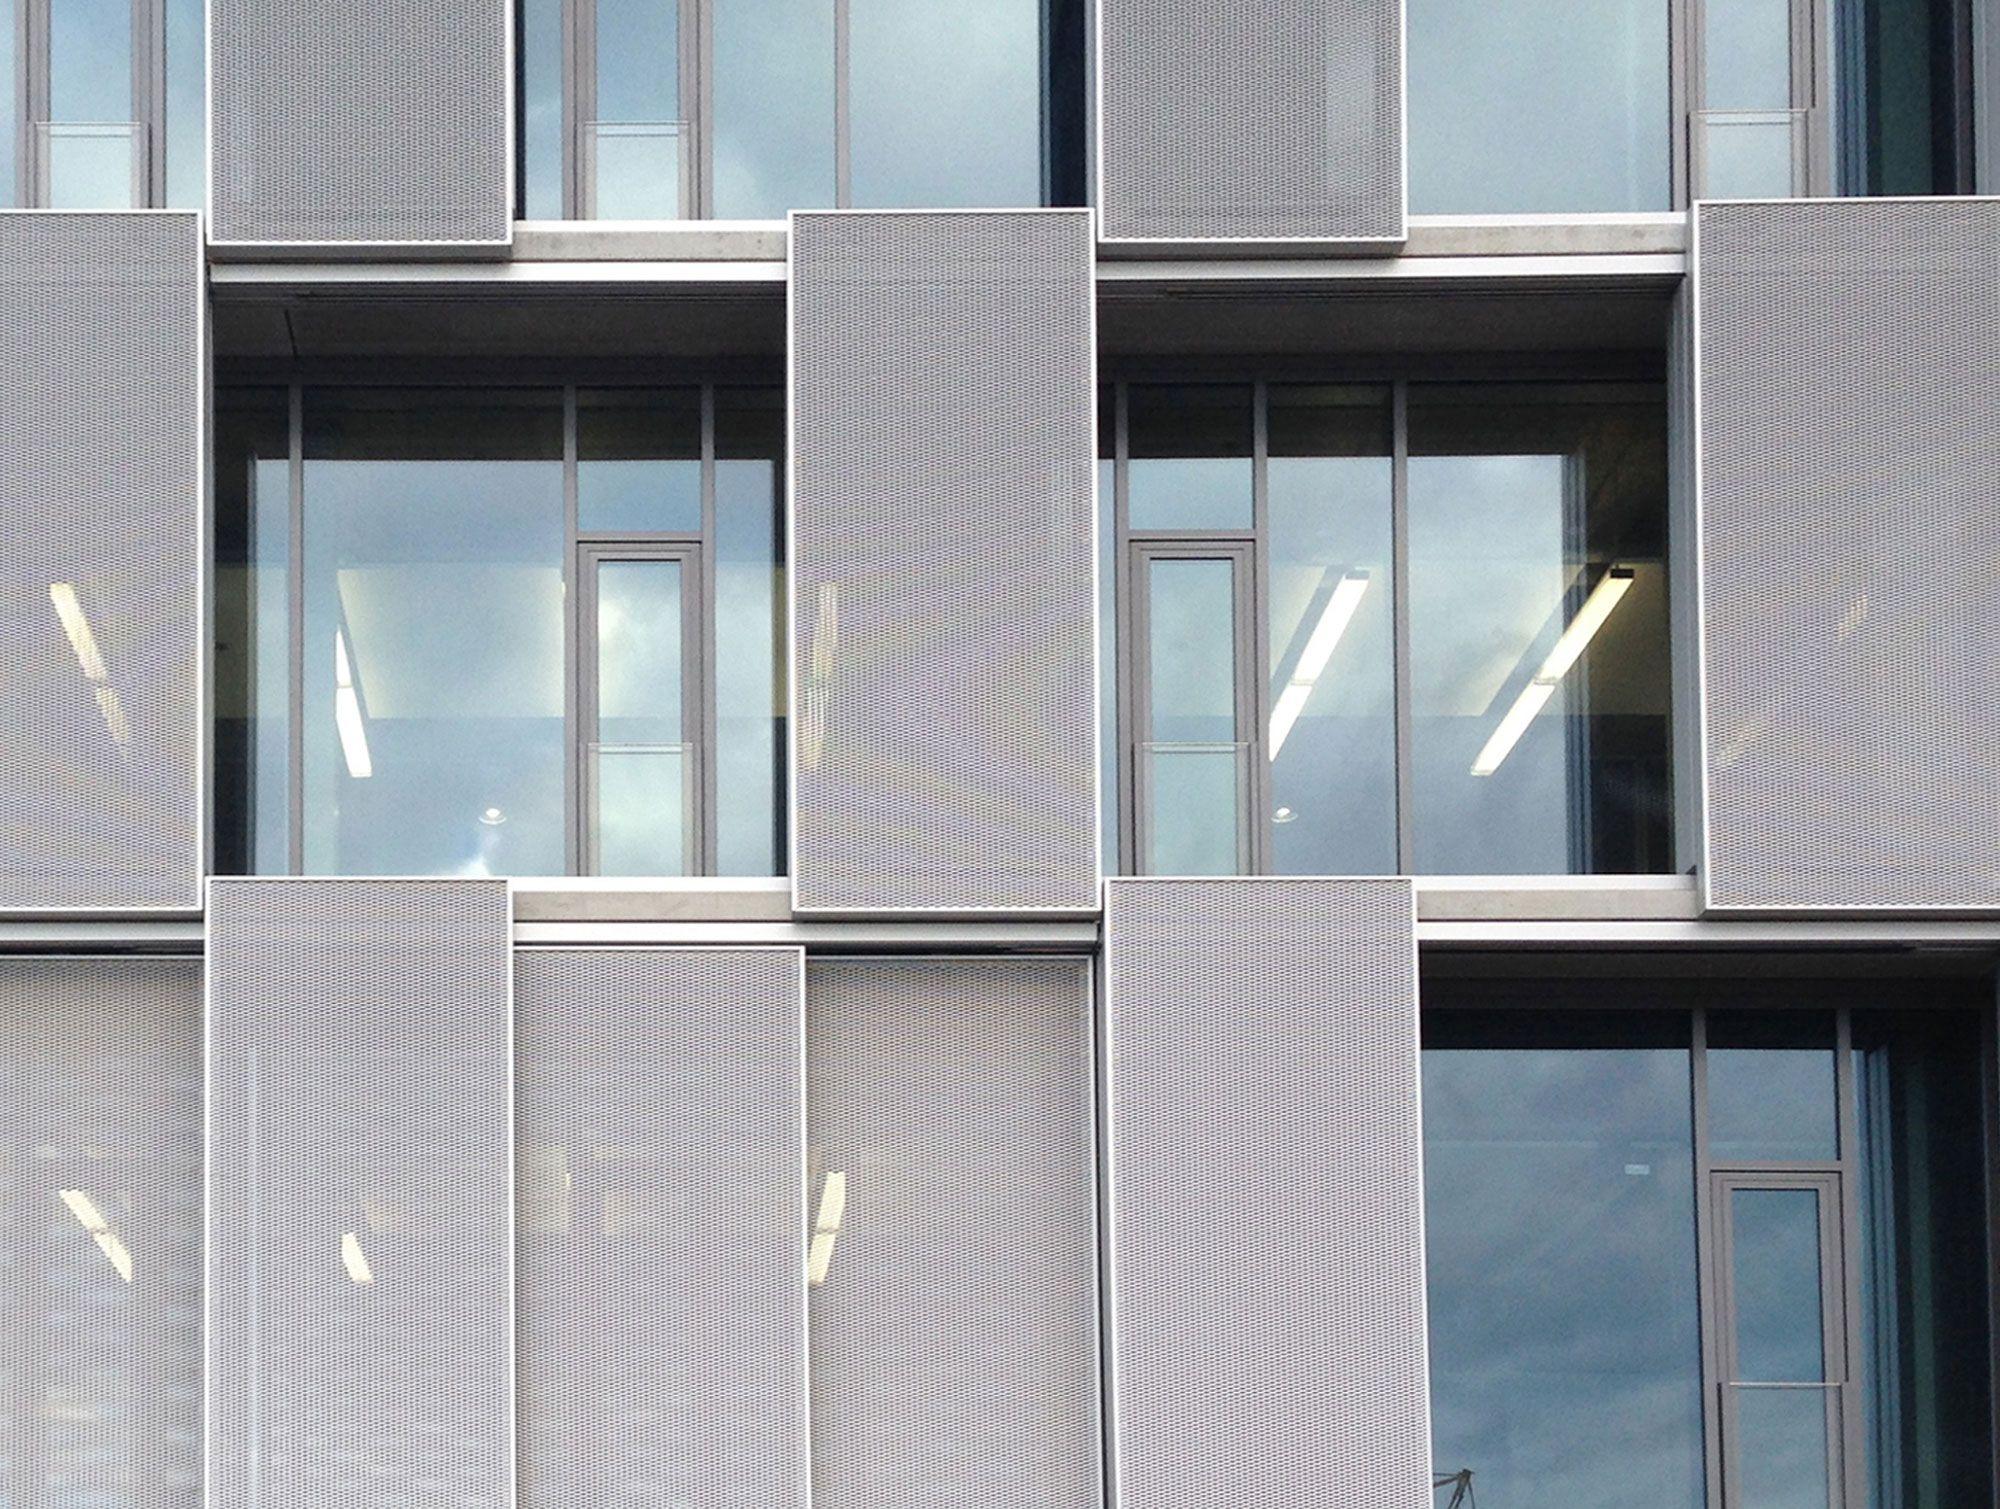 Bau der Woche AUDI Akademie Ingolstadt